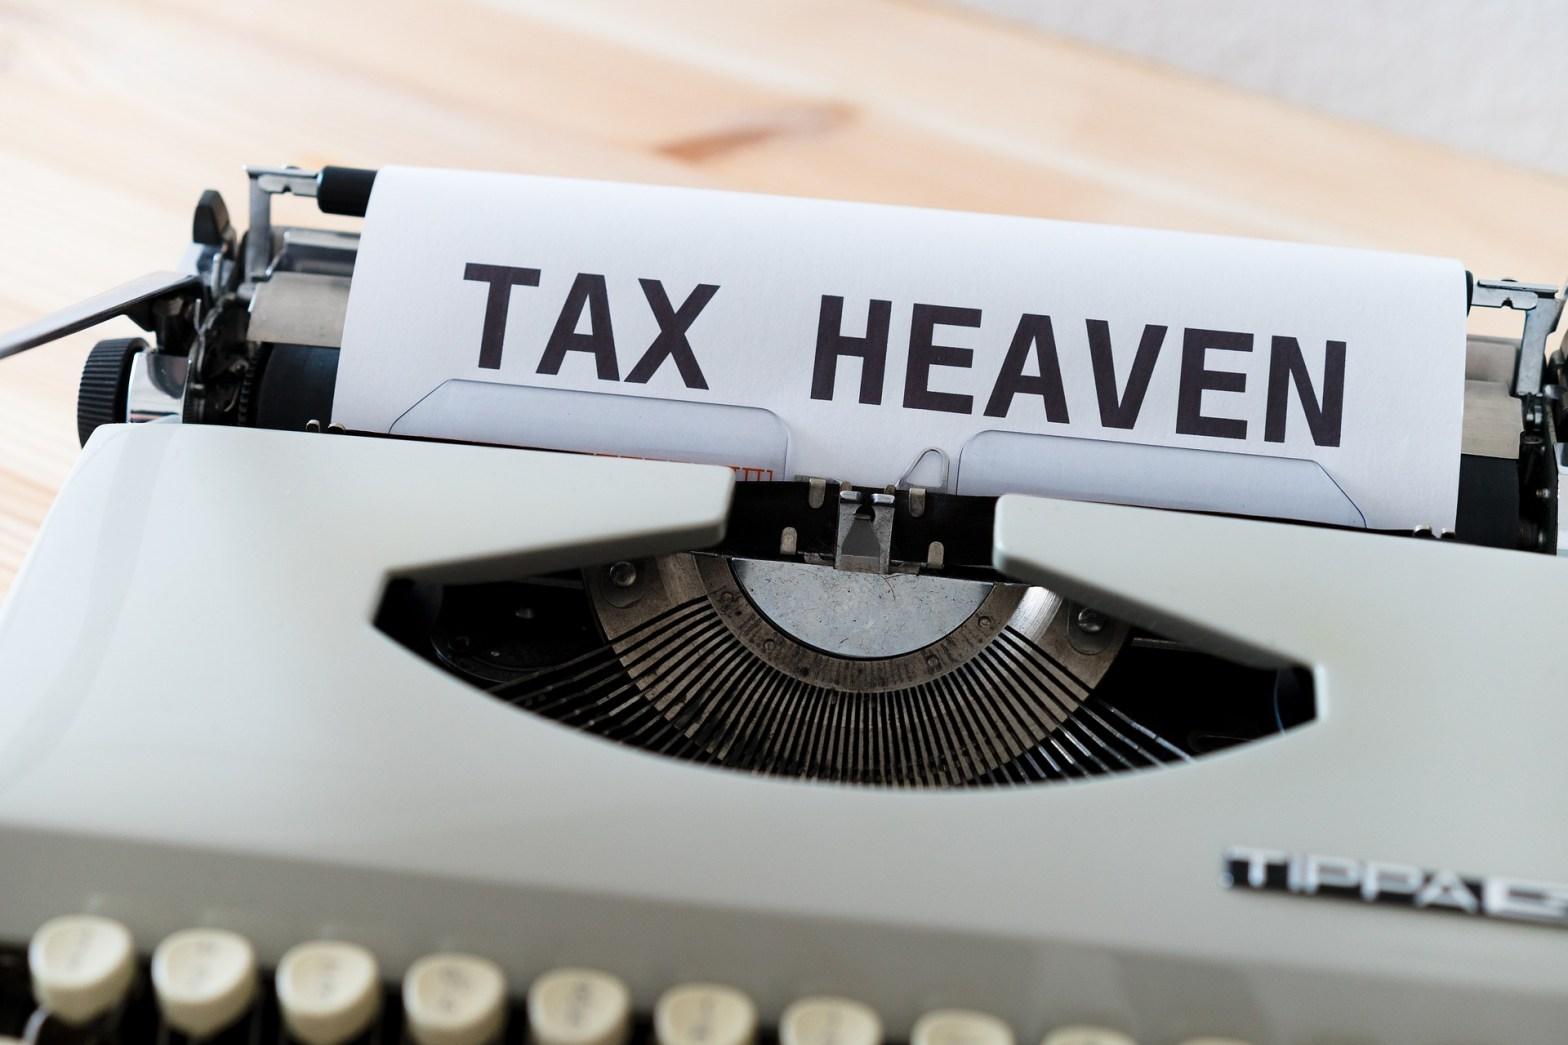 typewriter saying Tax Heaven